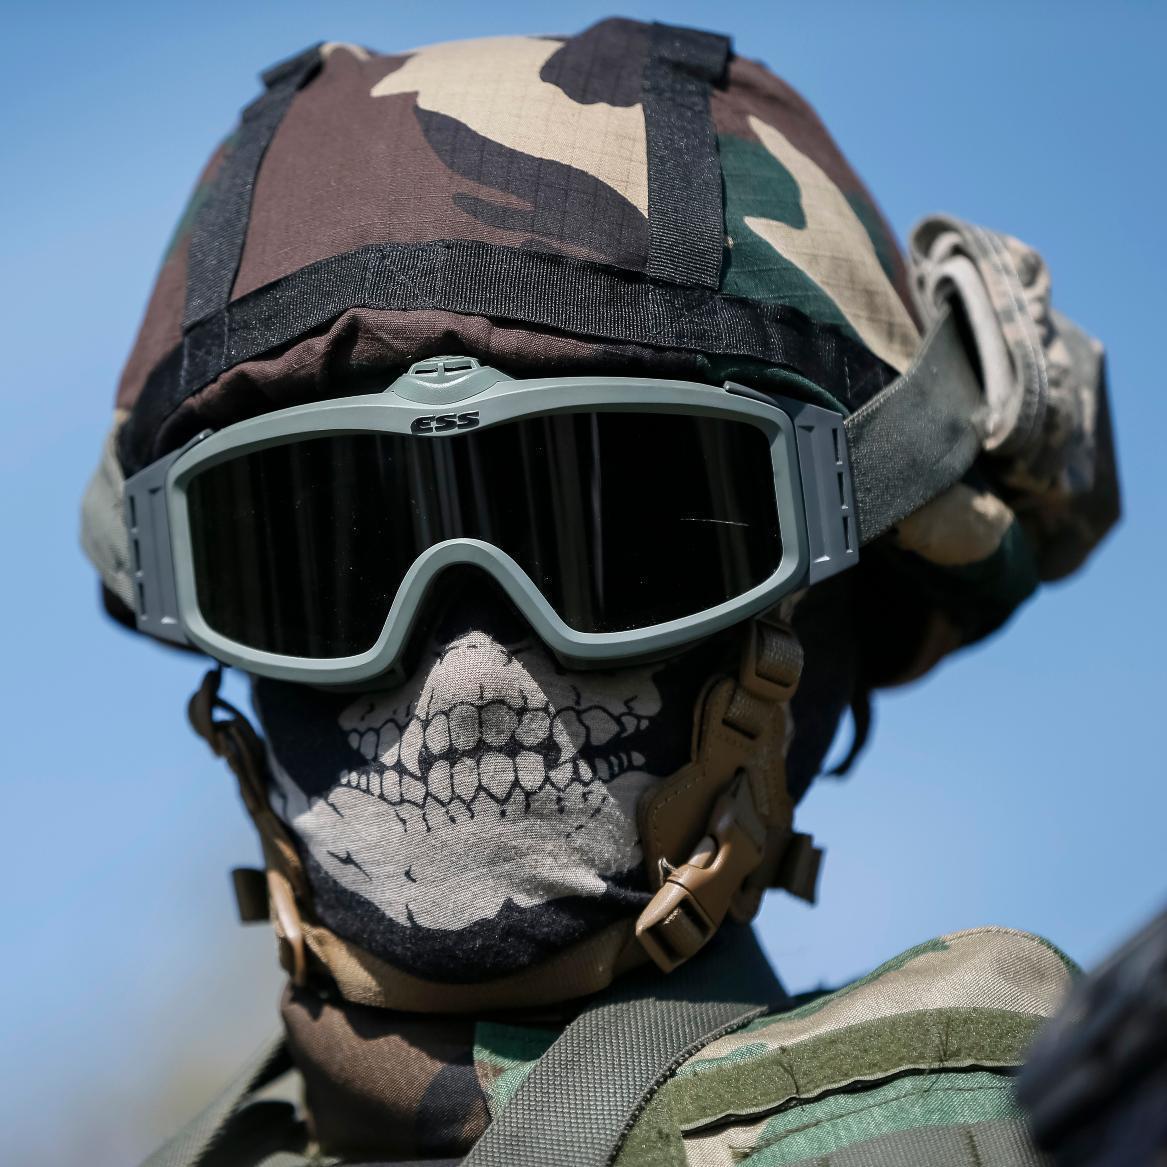 нужно есть фото бойцов спецназа в маске и очках роликах